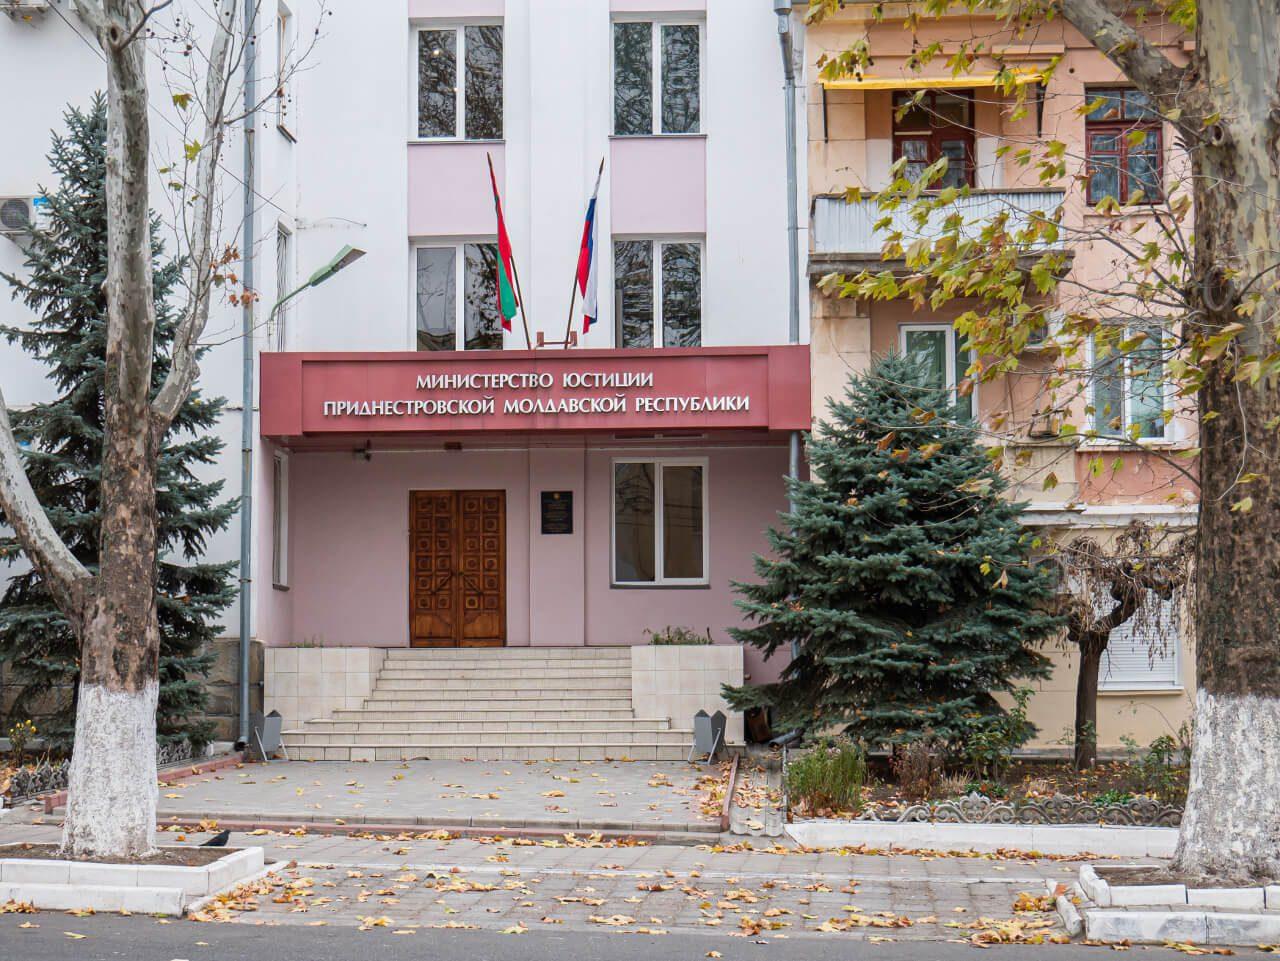 Siedziba Ministerstwa Sprawiedliwości Naddniestrza w Tyraspolu